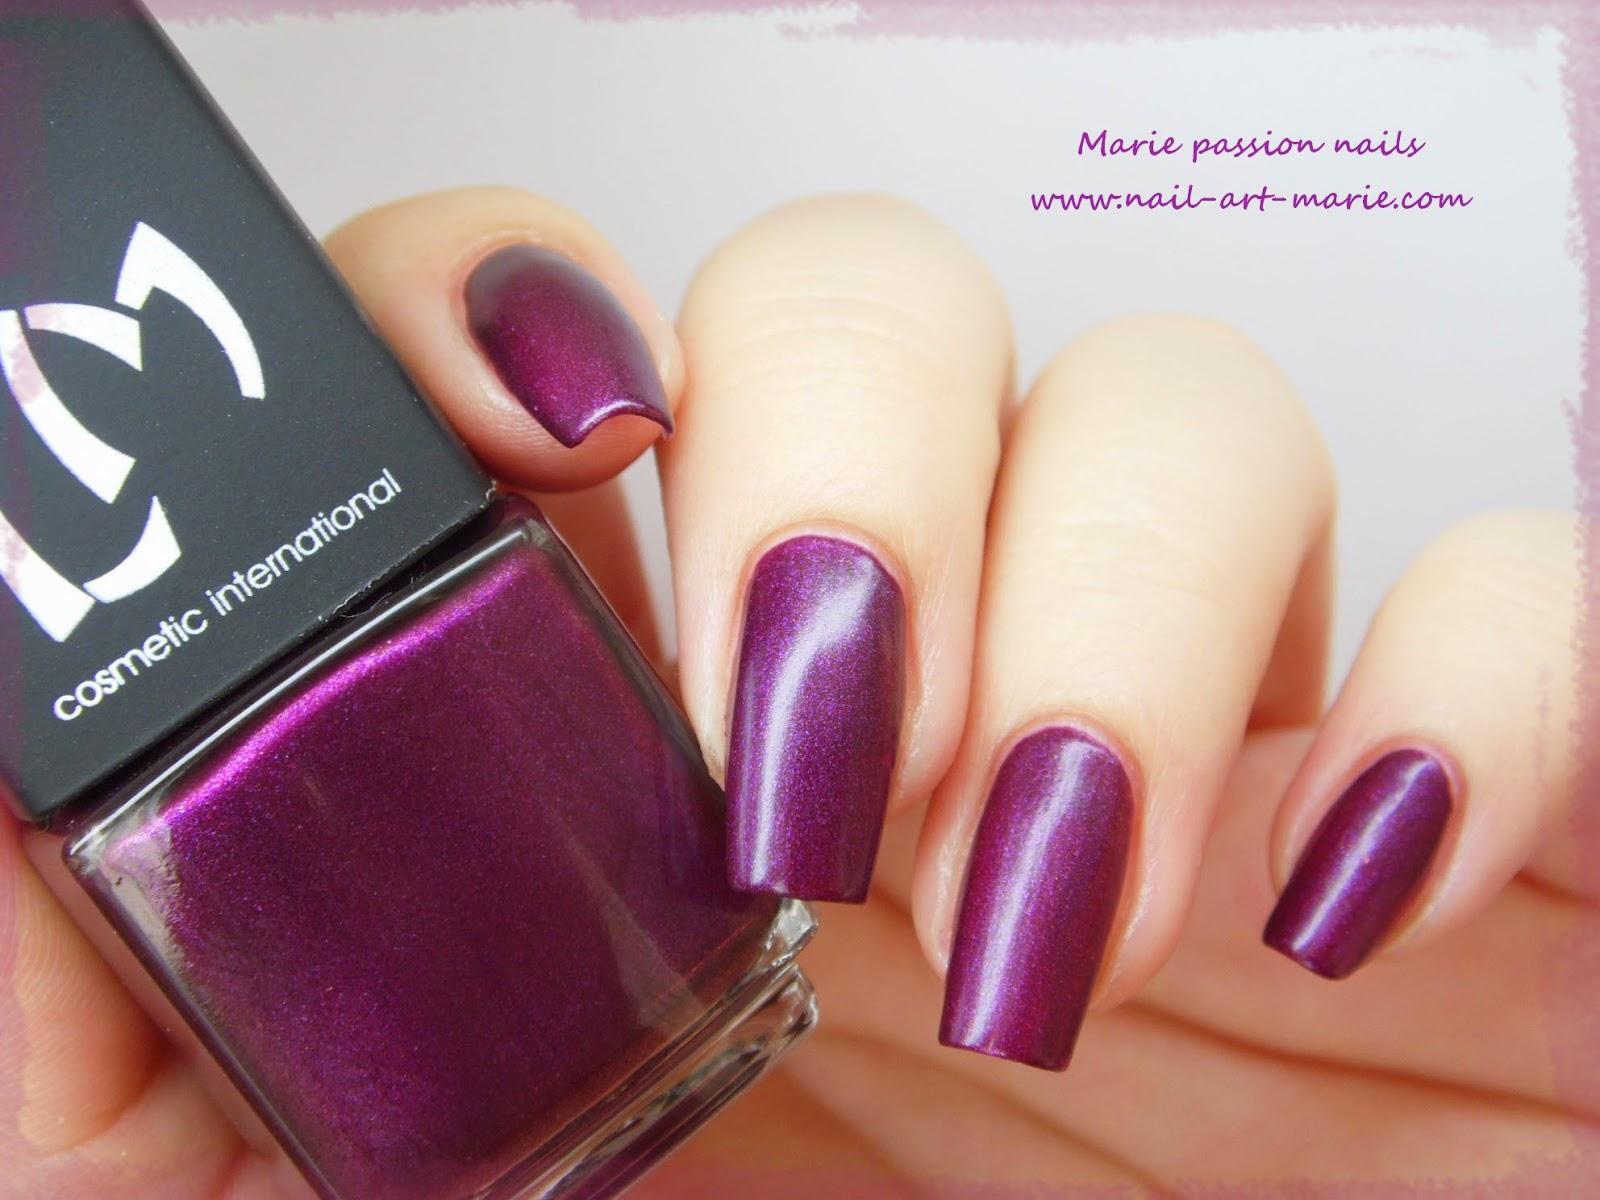 LM Cosmetic Veloura2